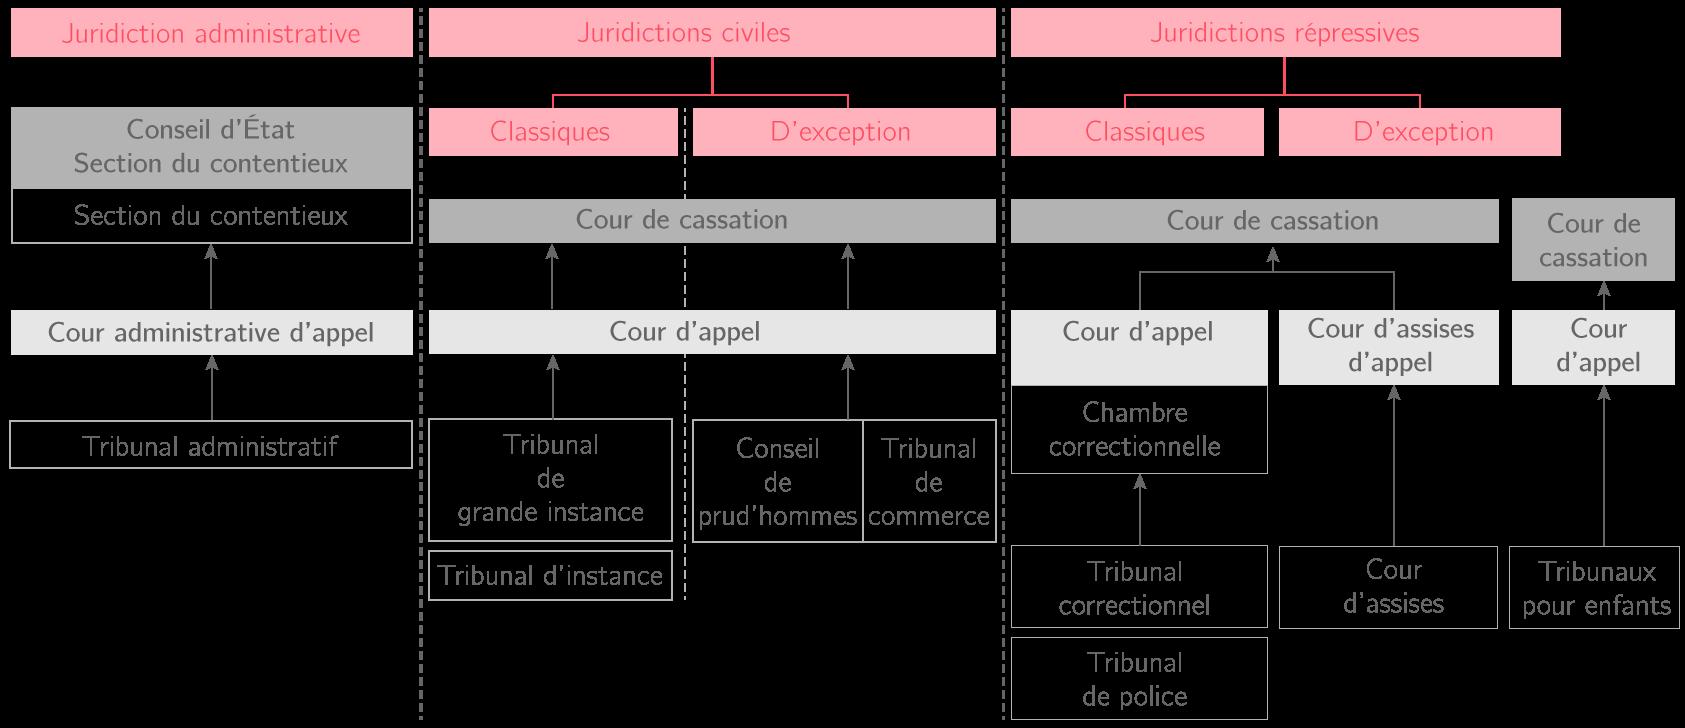 Juridictions et tribunaux en France